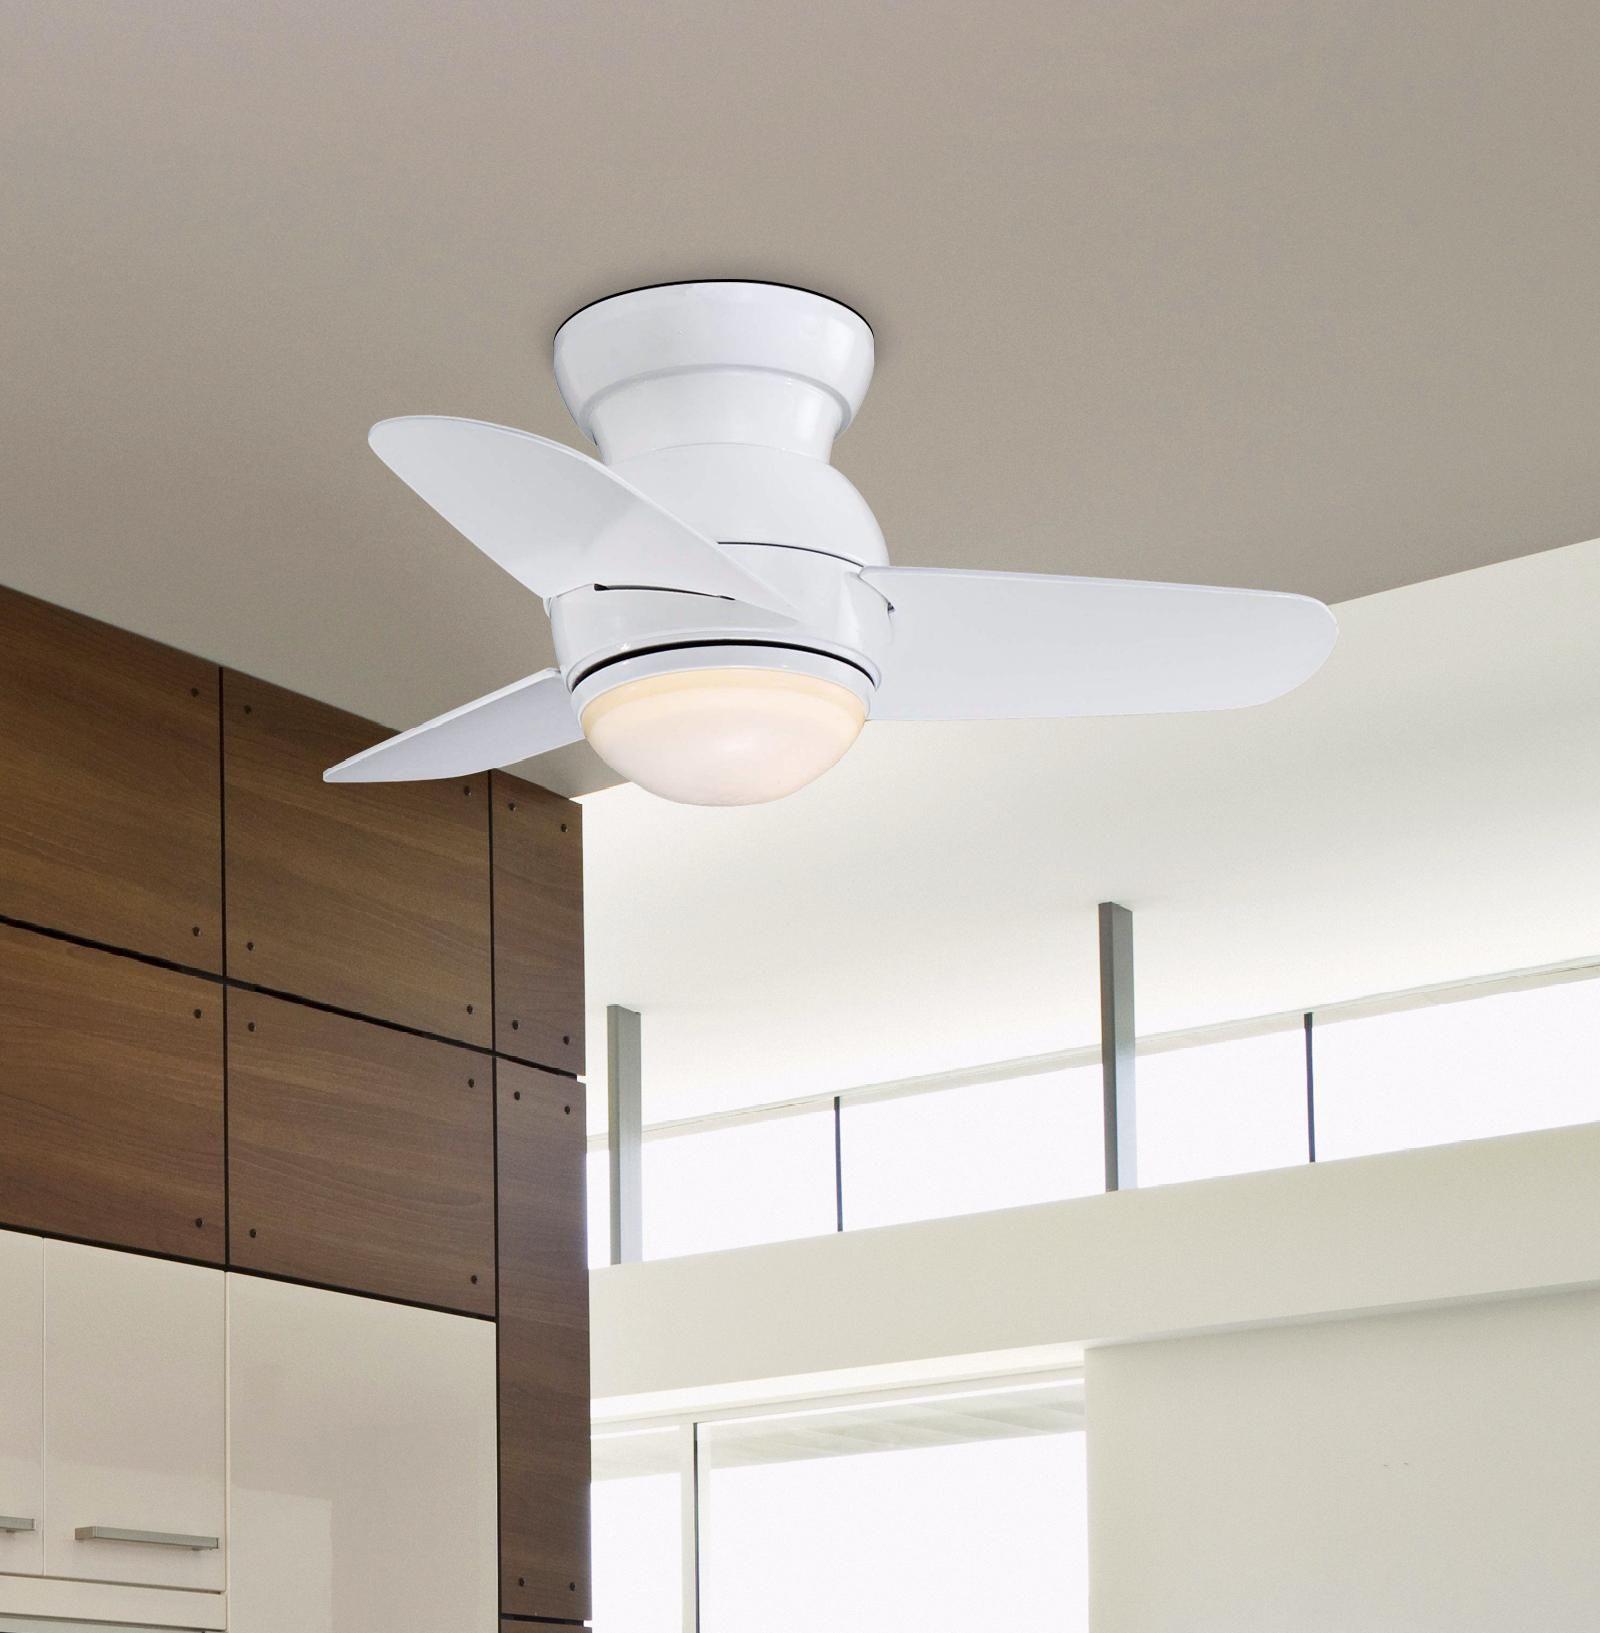 Minka Aire Spacesaver White Hugger Ceiling Fan